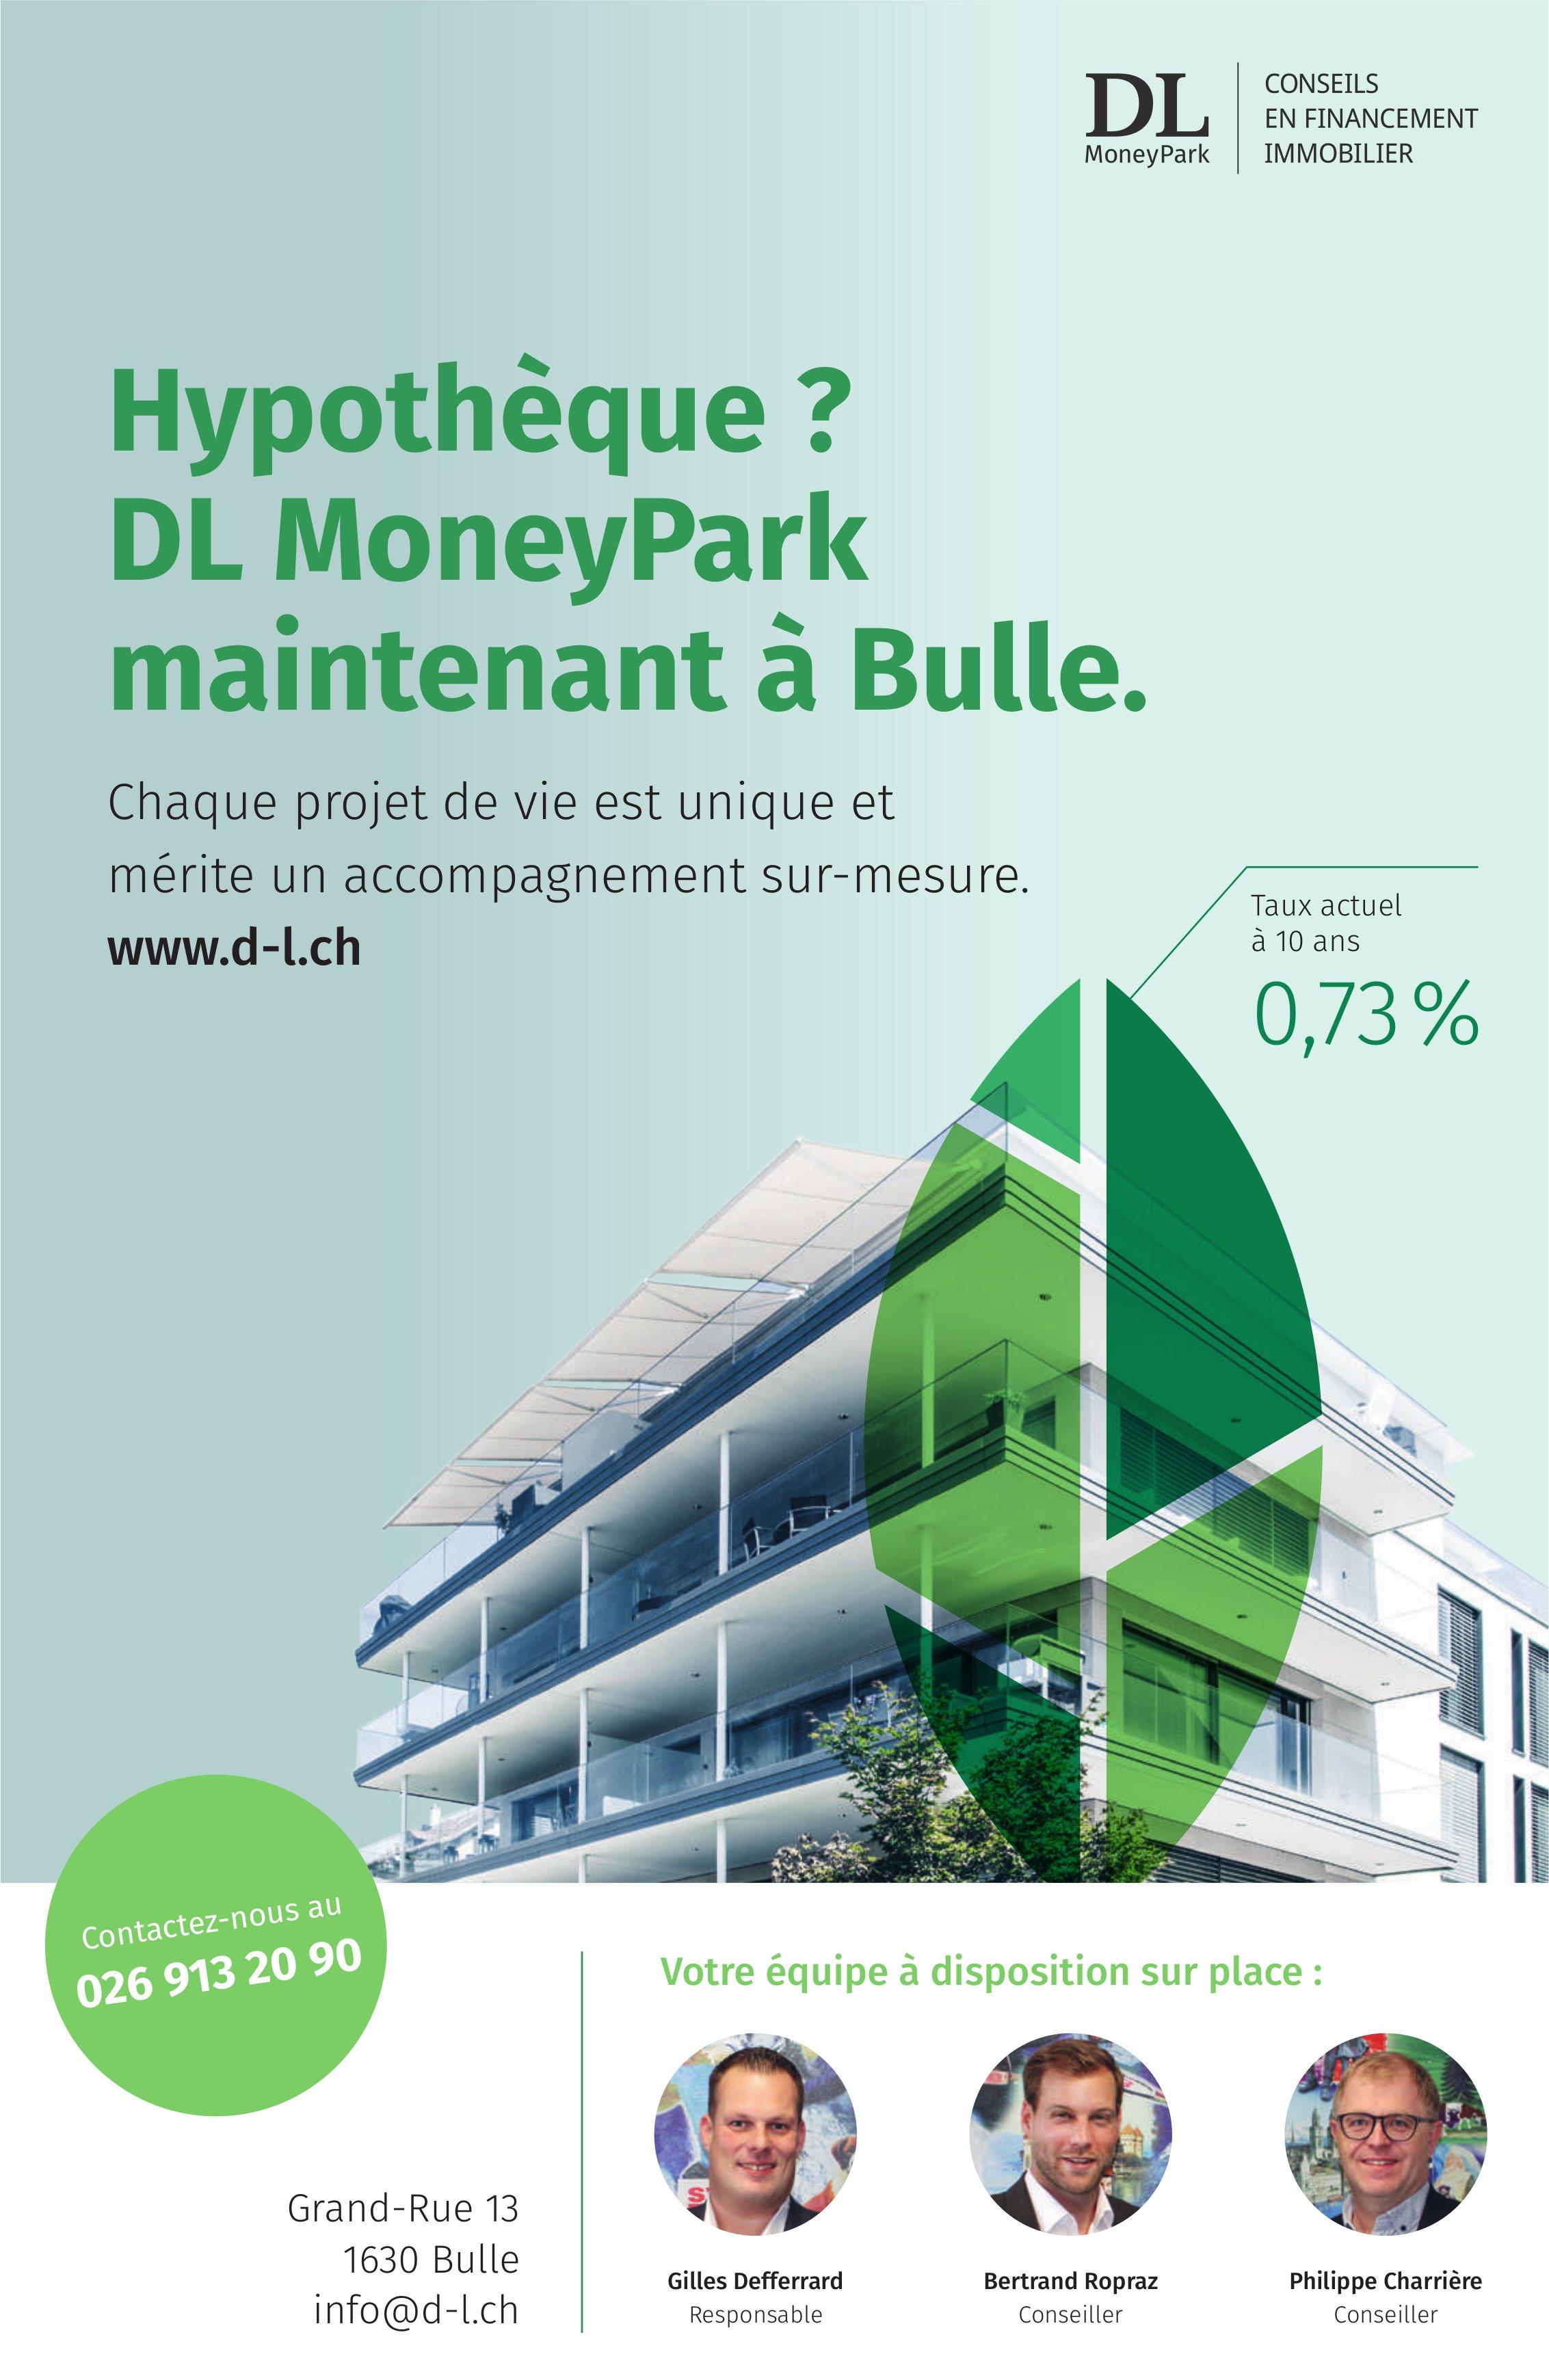 DL MoneyPark, Bulle, Conseil en financement immobilier